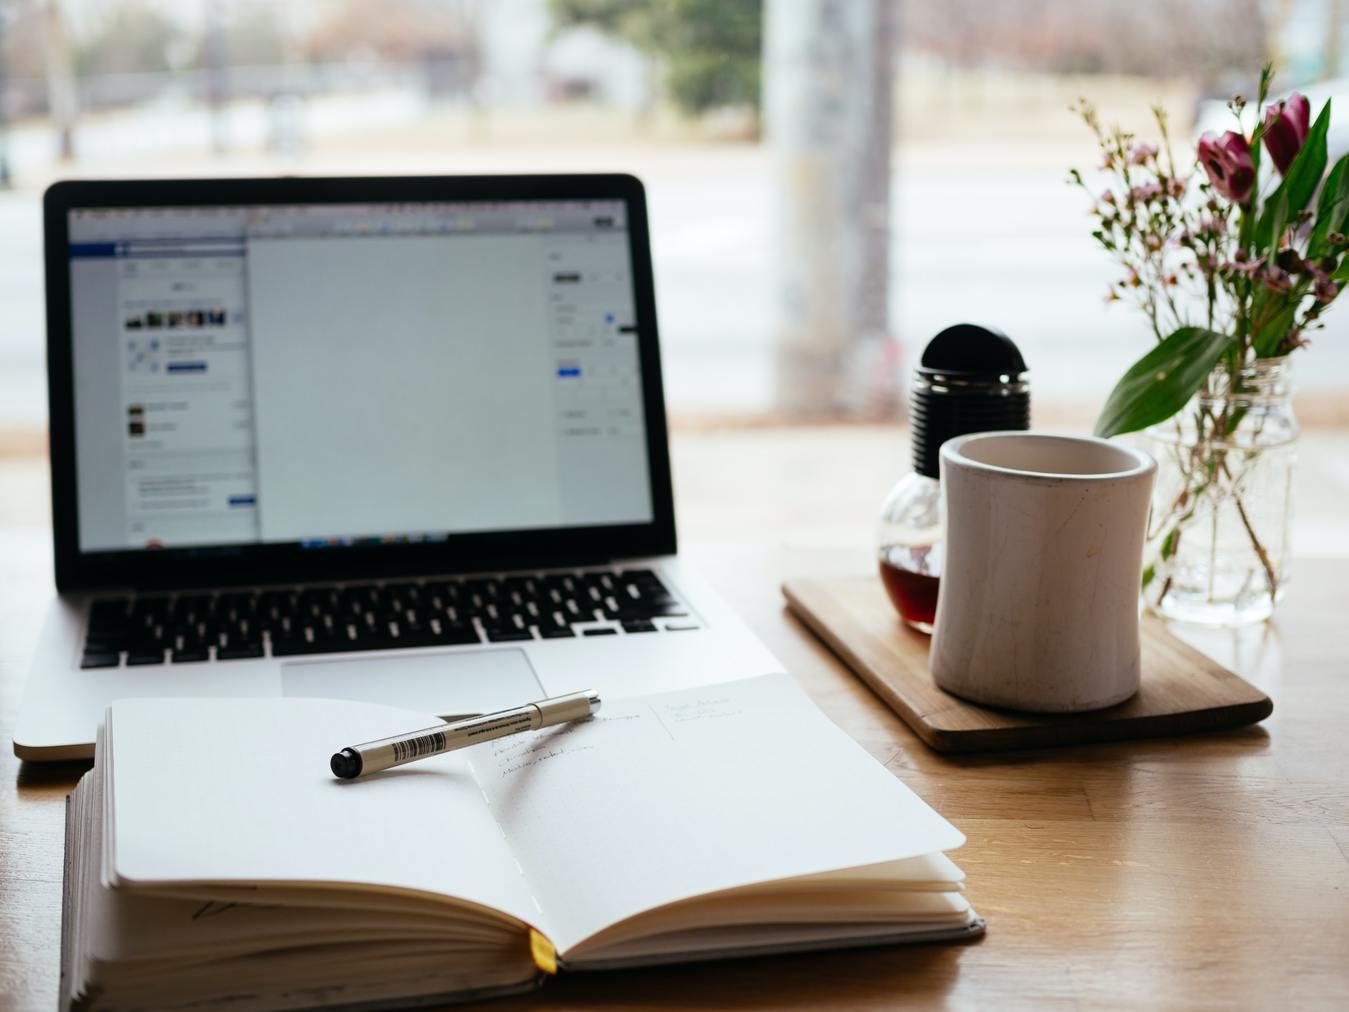 sổ bút và máy tính đặt trên bàn